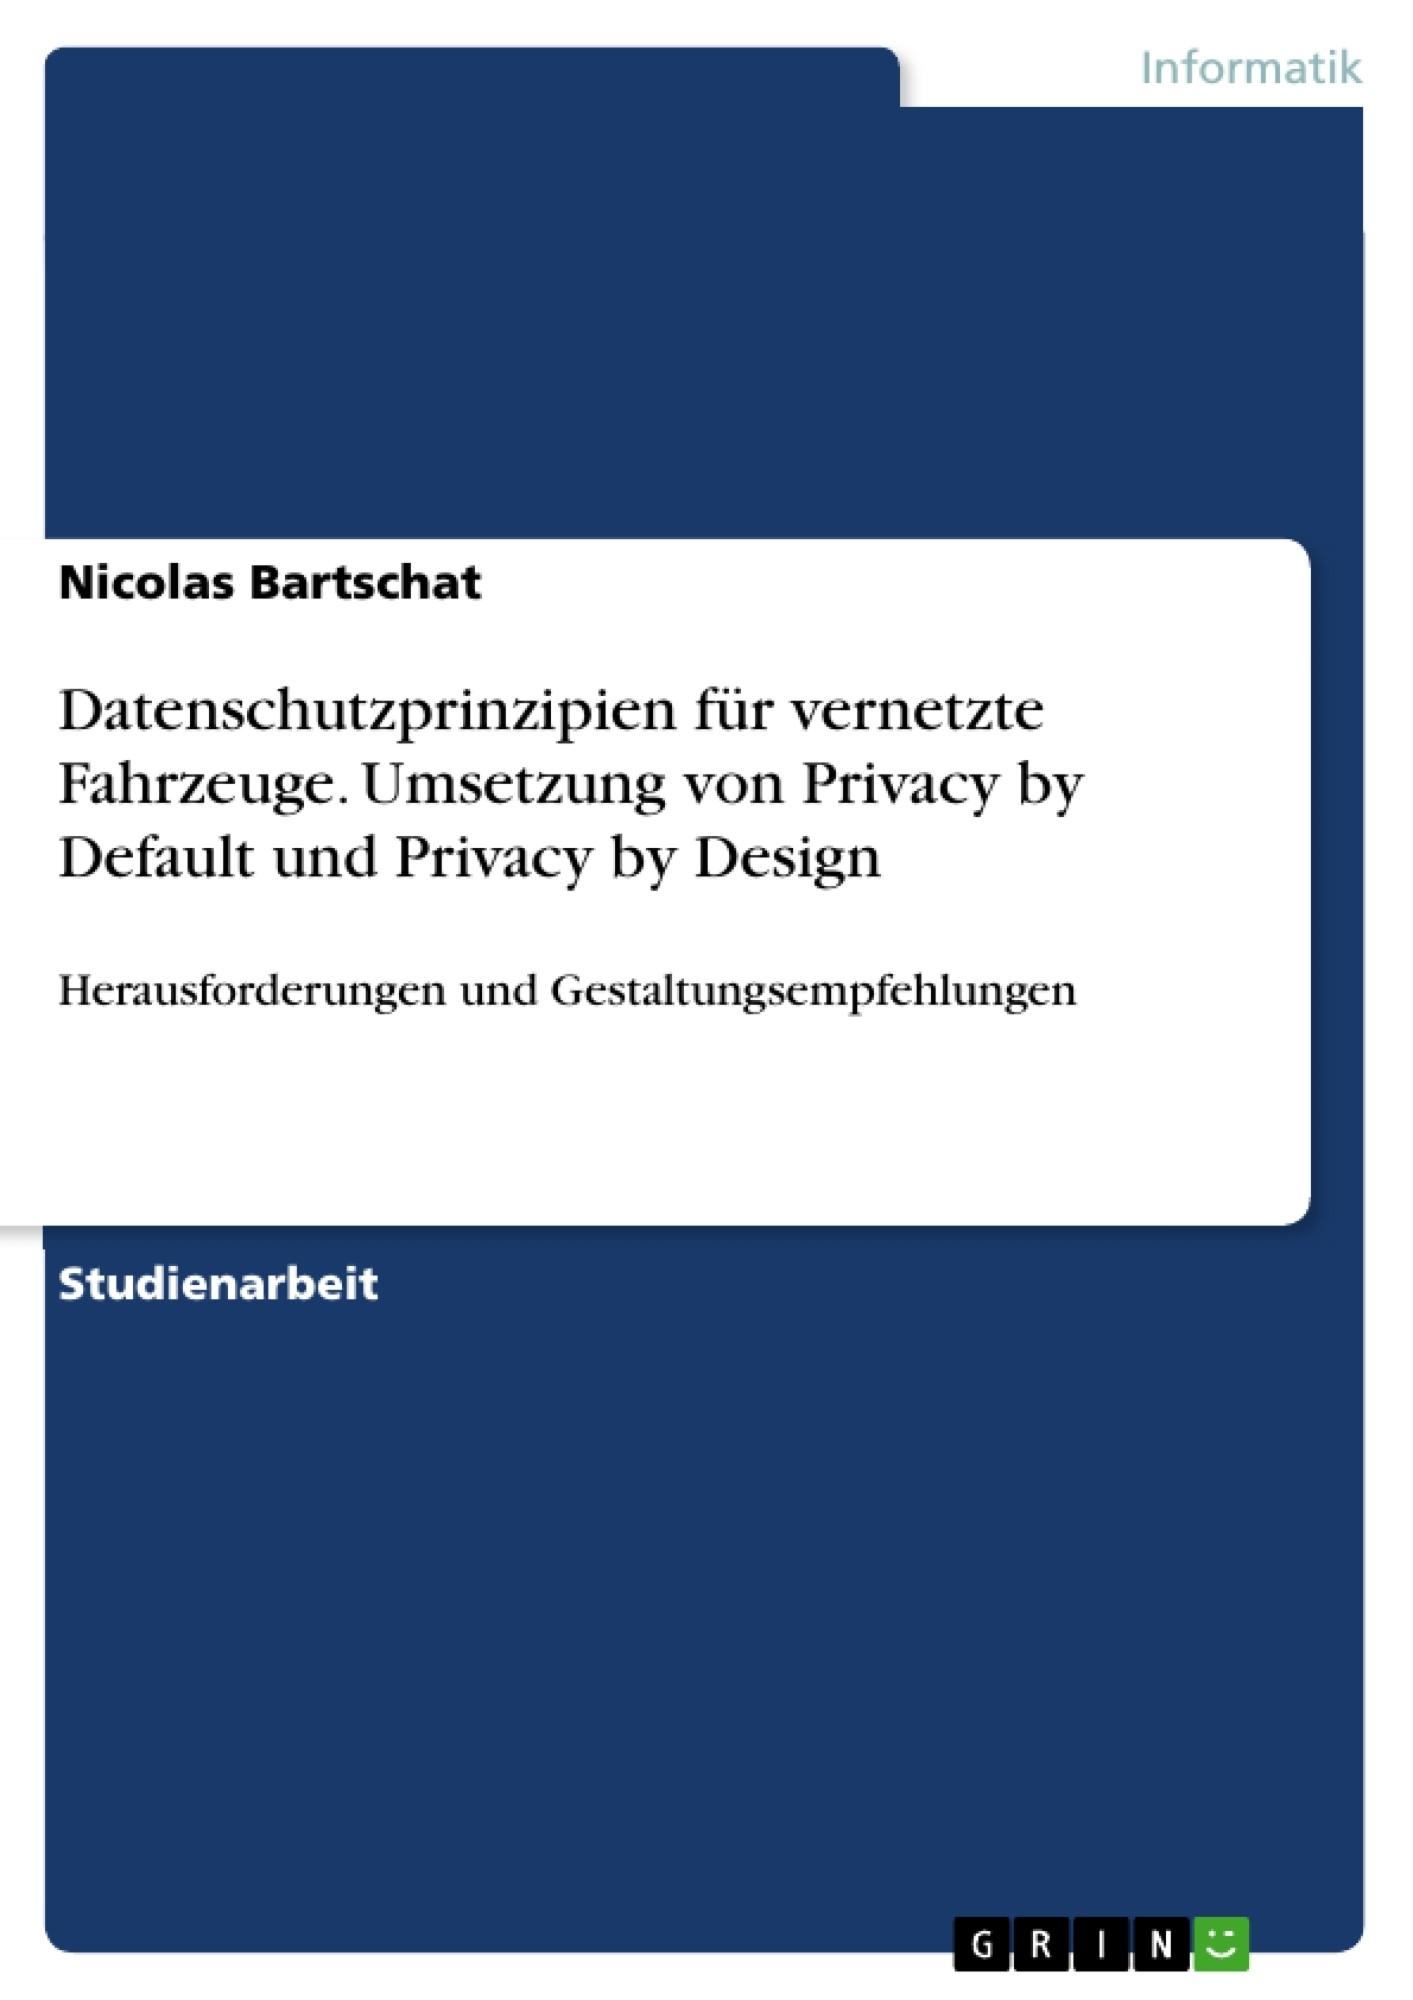 Titel: Datenschutzprinzipien für vernetzte Fahrzeuge. Umsetzung von Privacy by Default und Privacy by Design